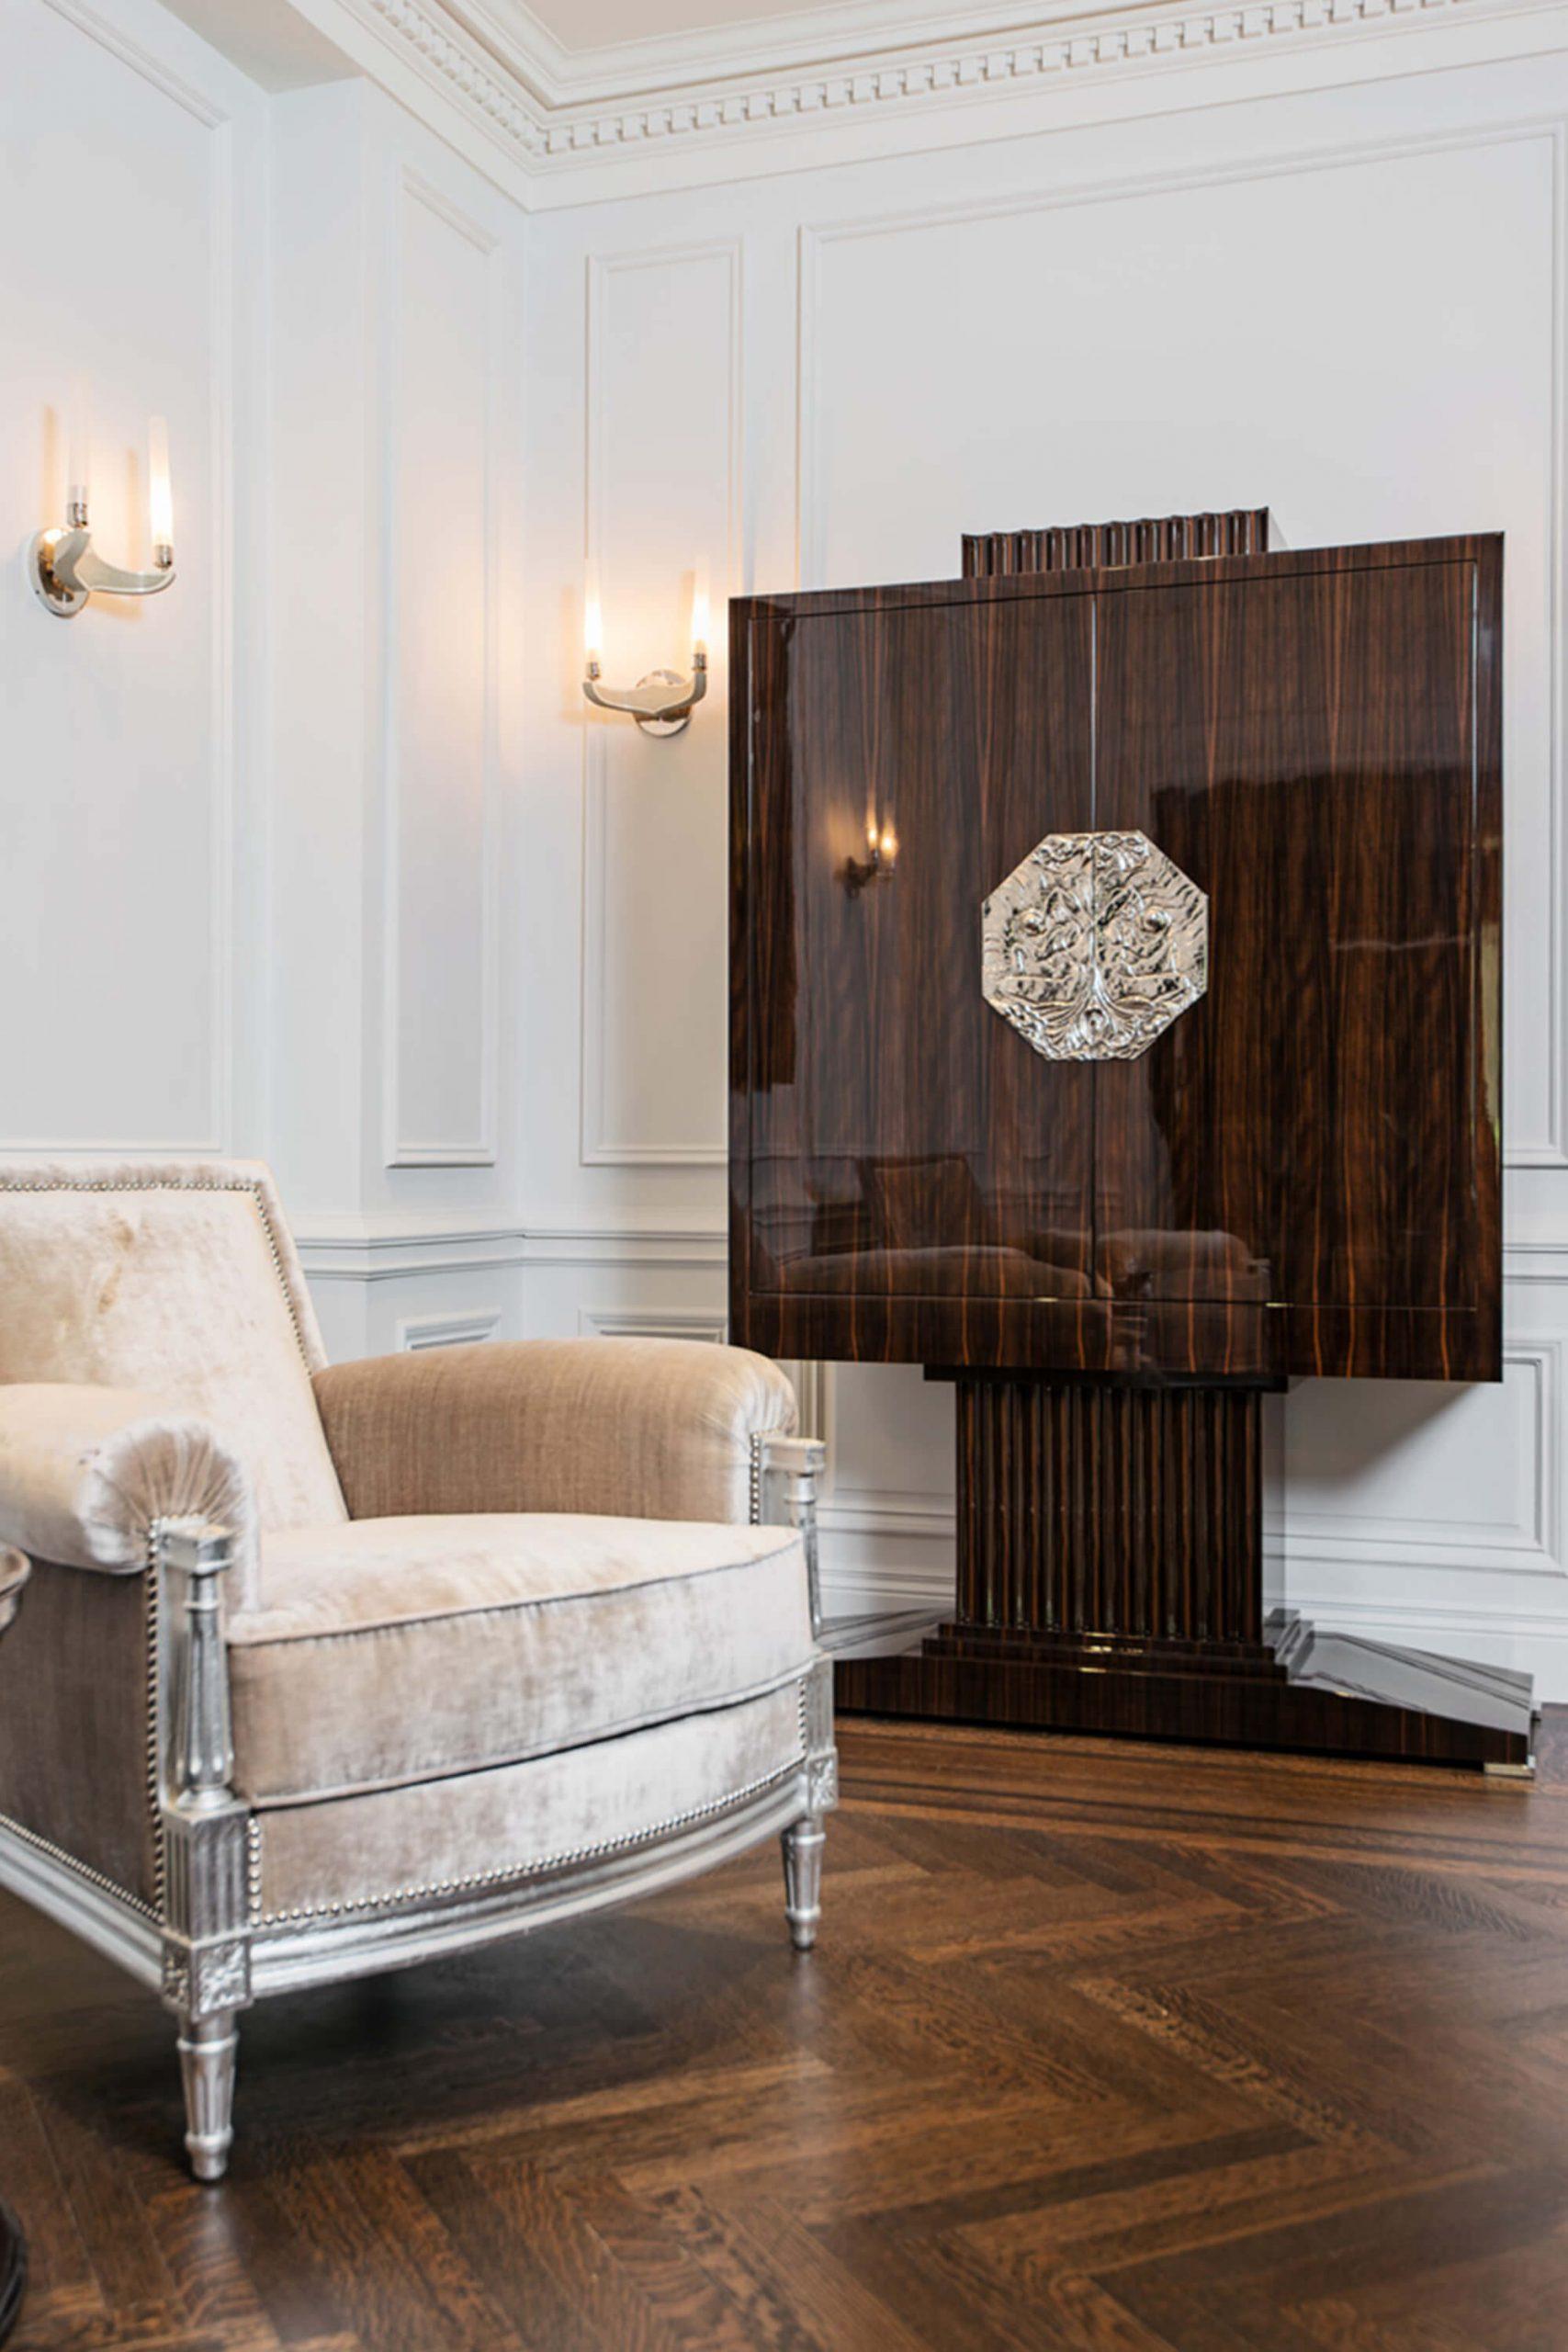 ACADIA by Britto Charette Interior Design